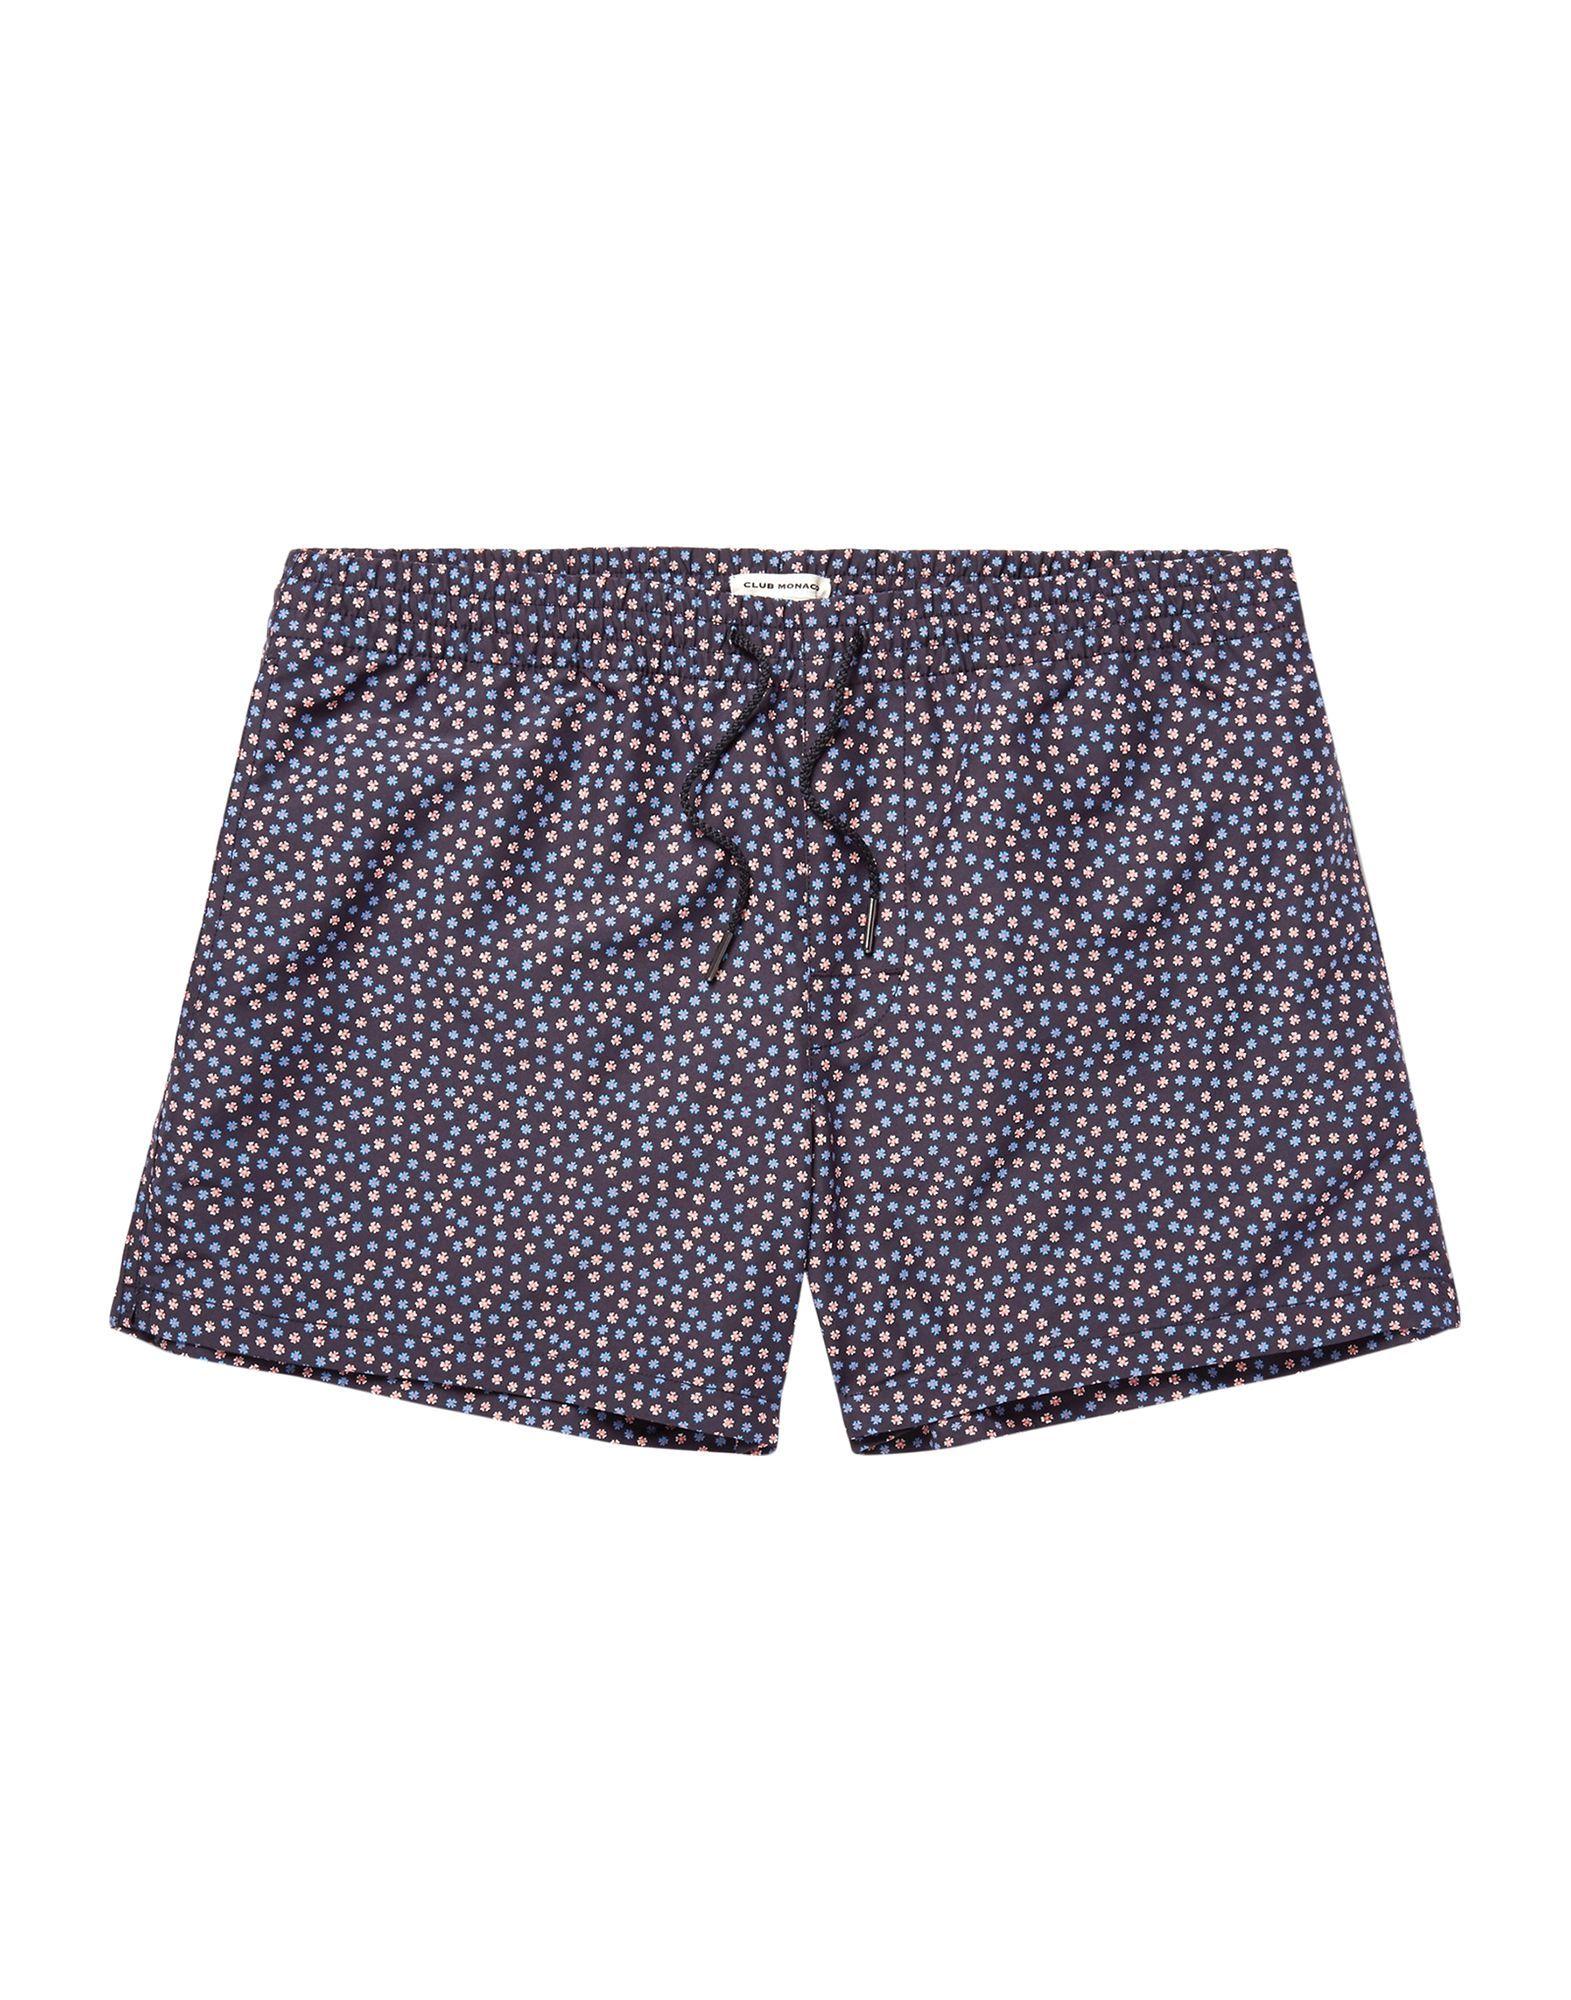 Club Monaco Dark Blue Print Swim Shorts